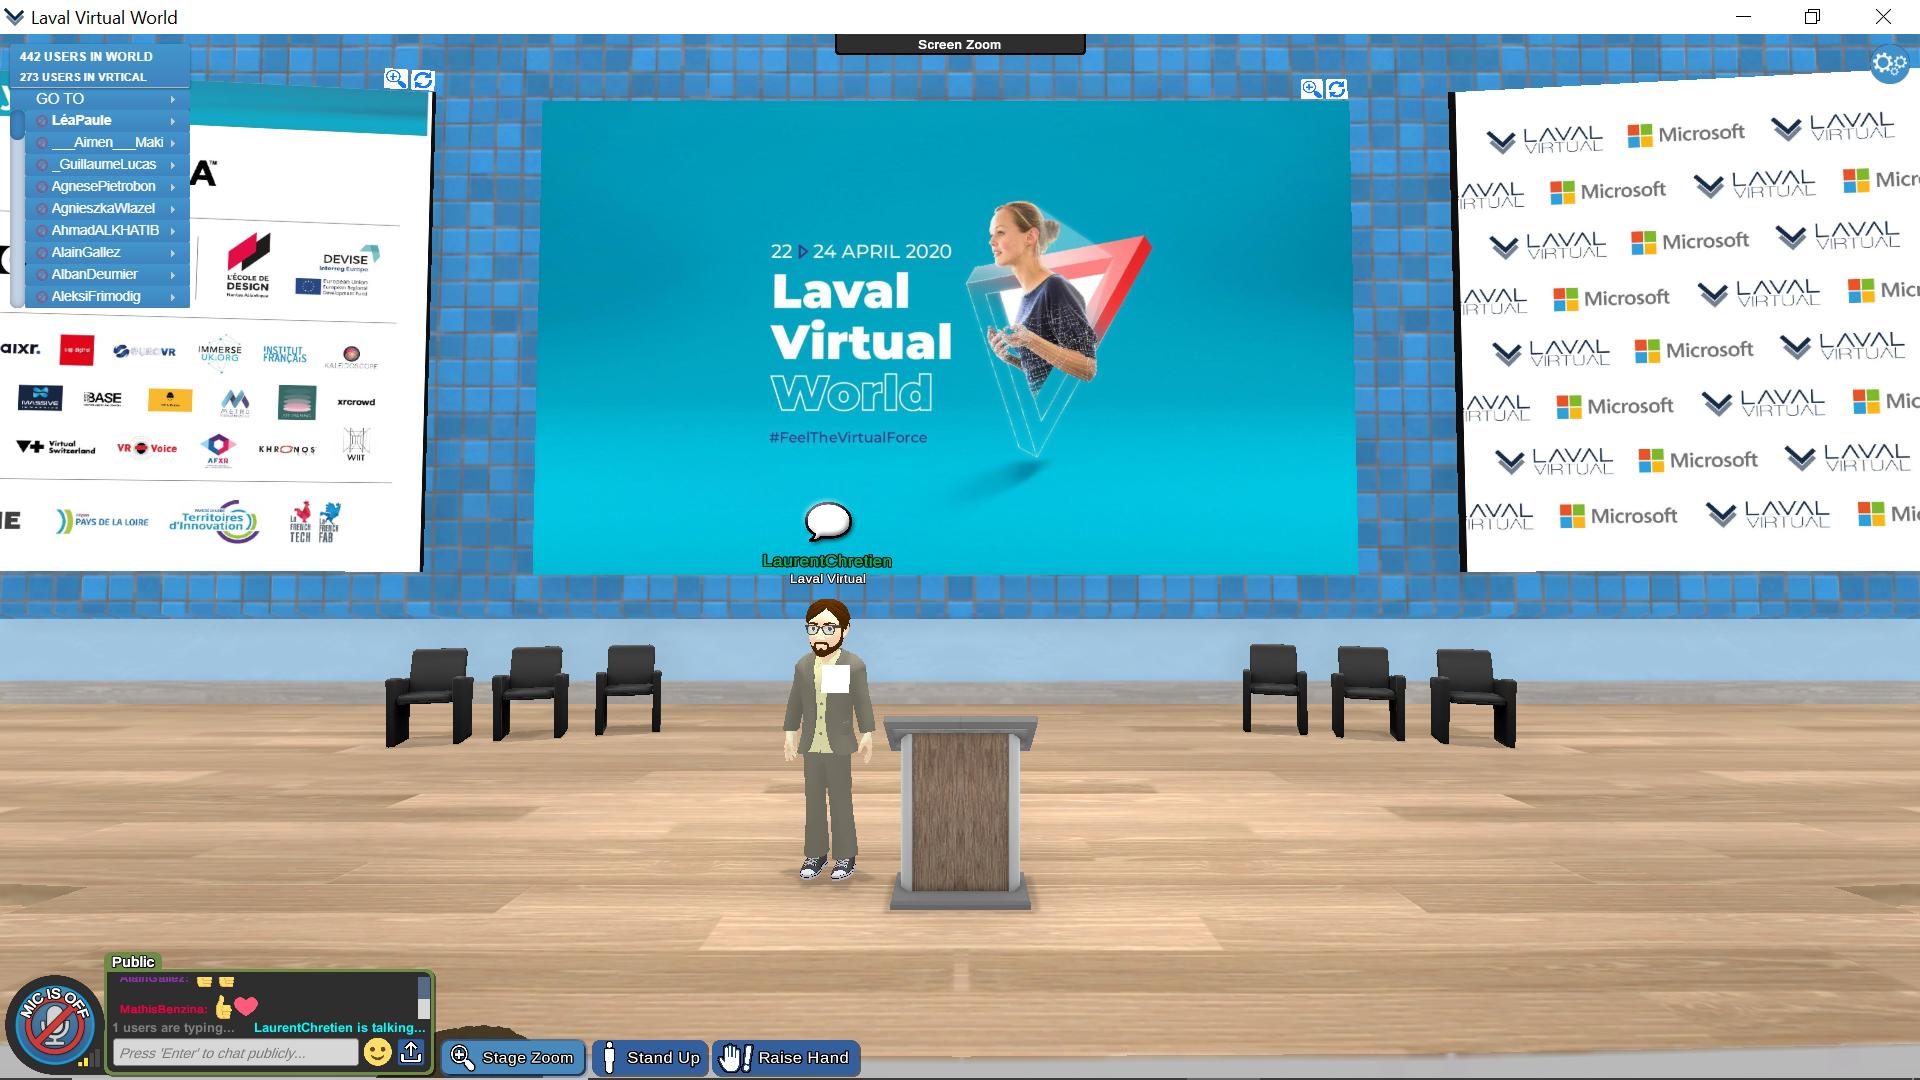 Laurent Chrétien dans le Laval Virtual World